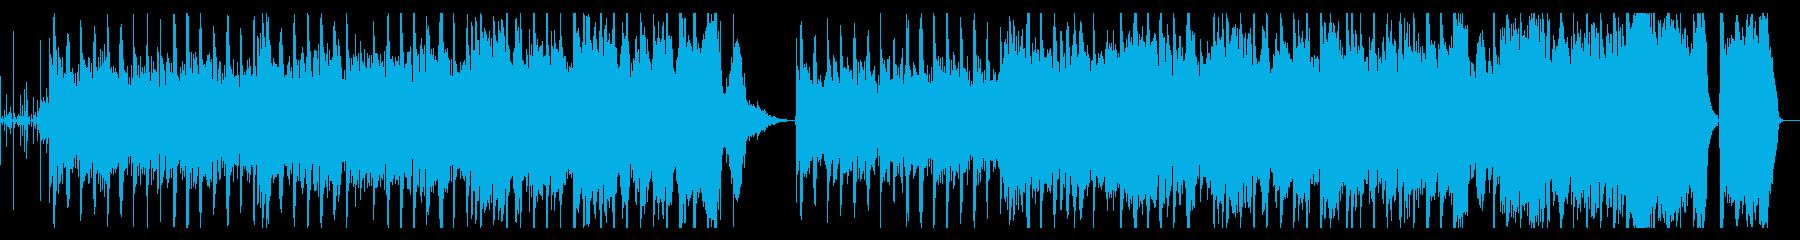 ほのぼのとした日常の音楽の再生済みの波形